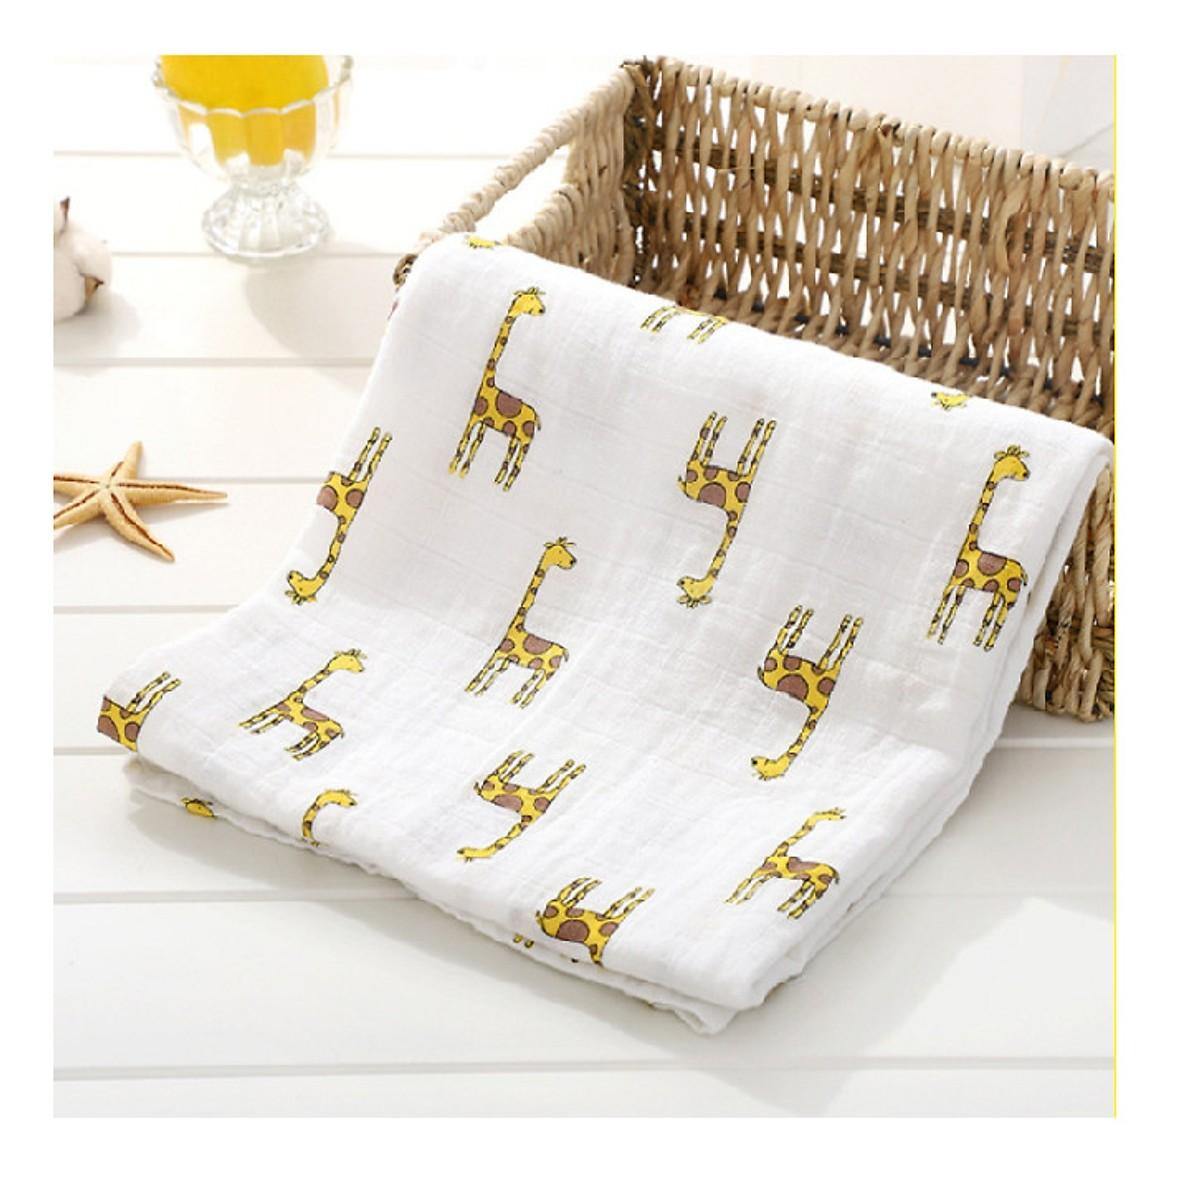 Combo 2 Khăn tắm, khăn xô hình cao cấp 4 lớp 100% COTTON cho bé 120*120cm